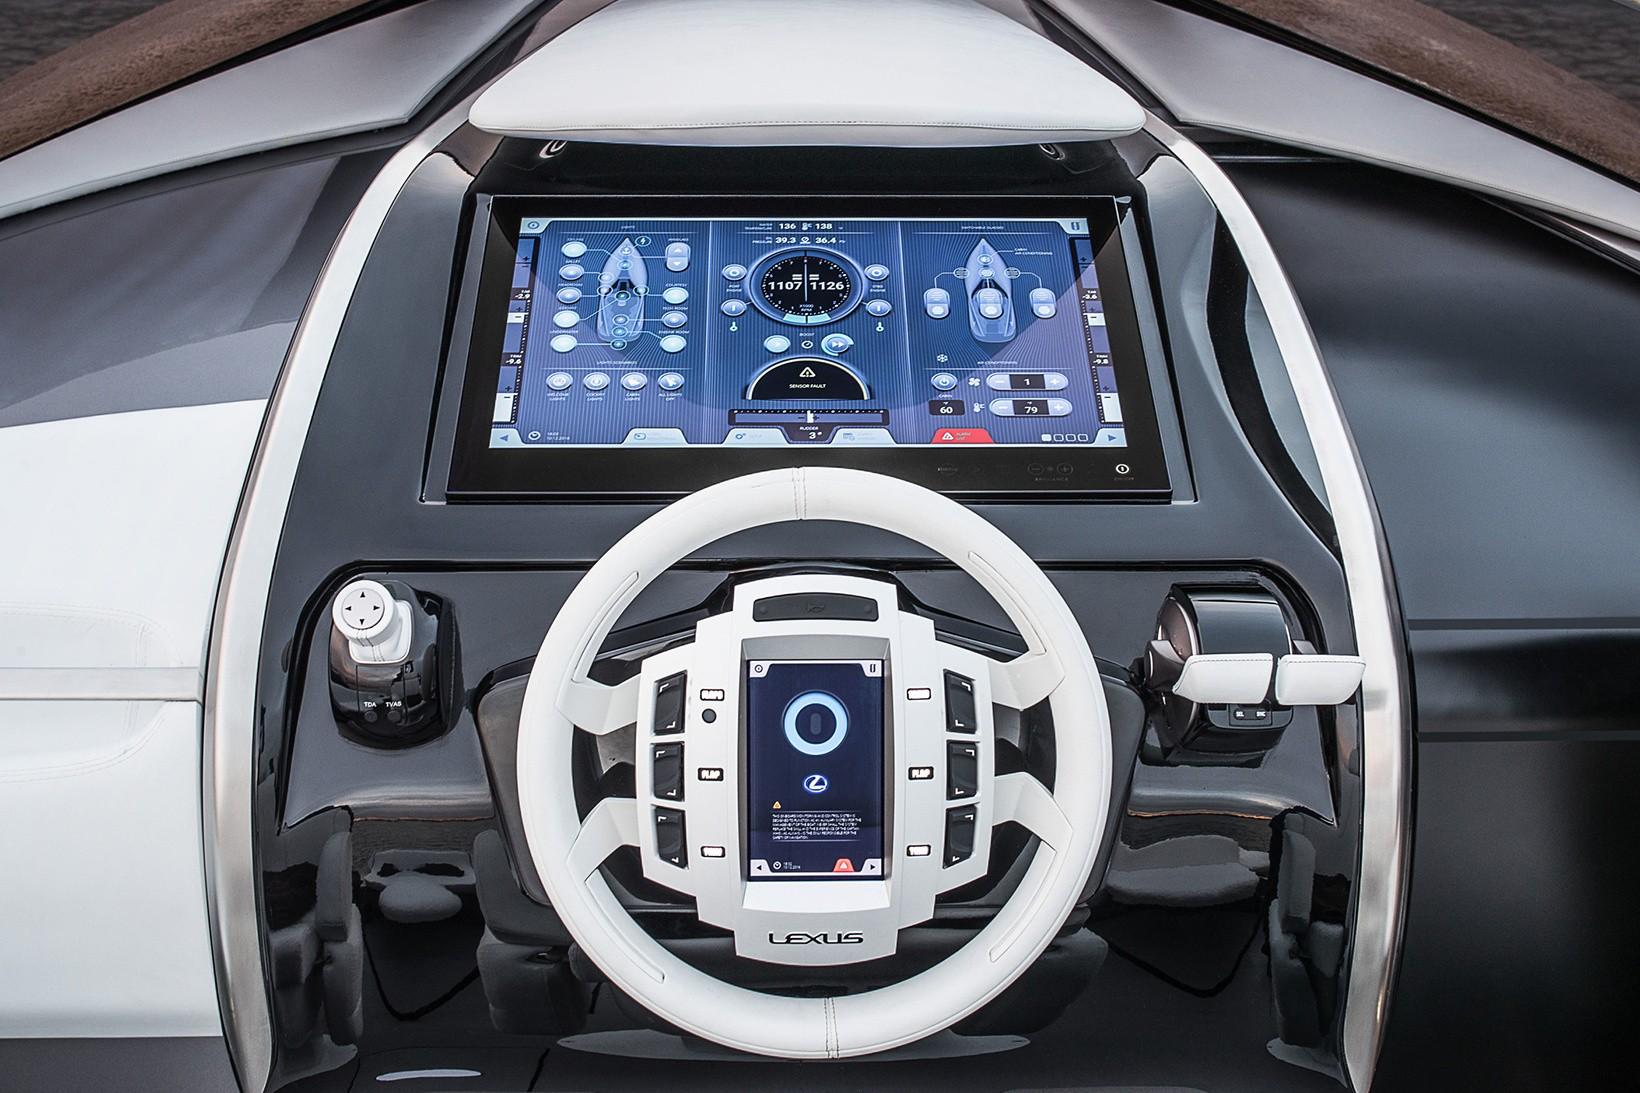 Lexus LS Sedan, o iate de luxo (Foto: Divulgação)